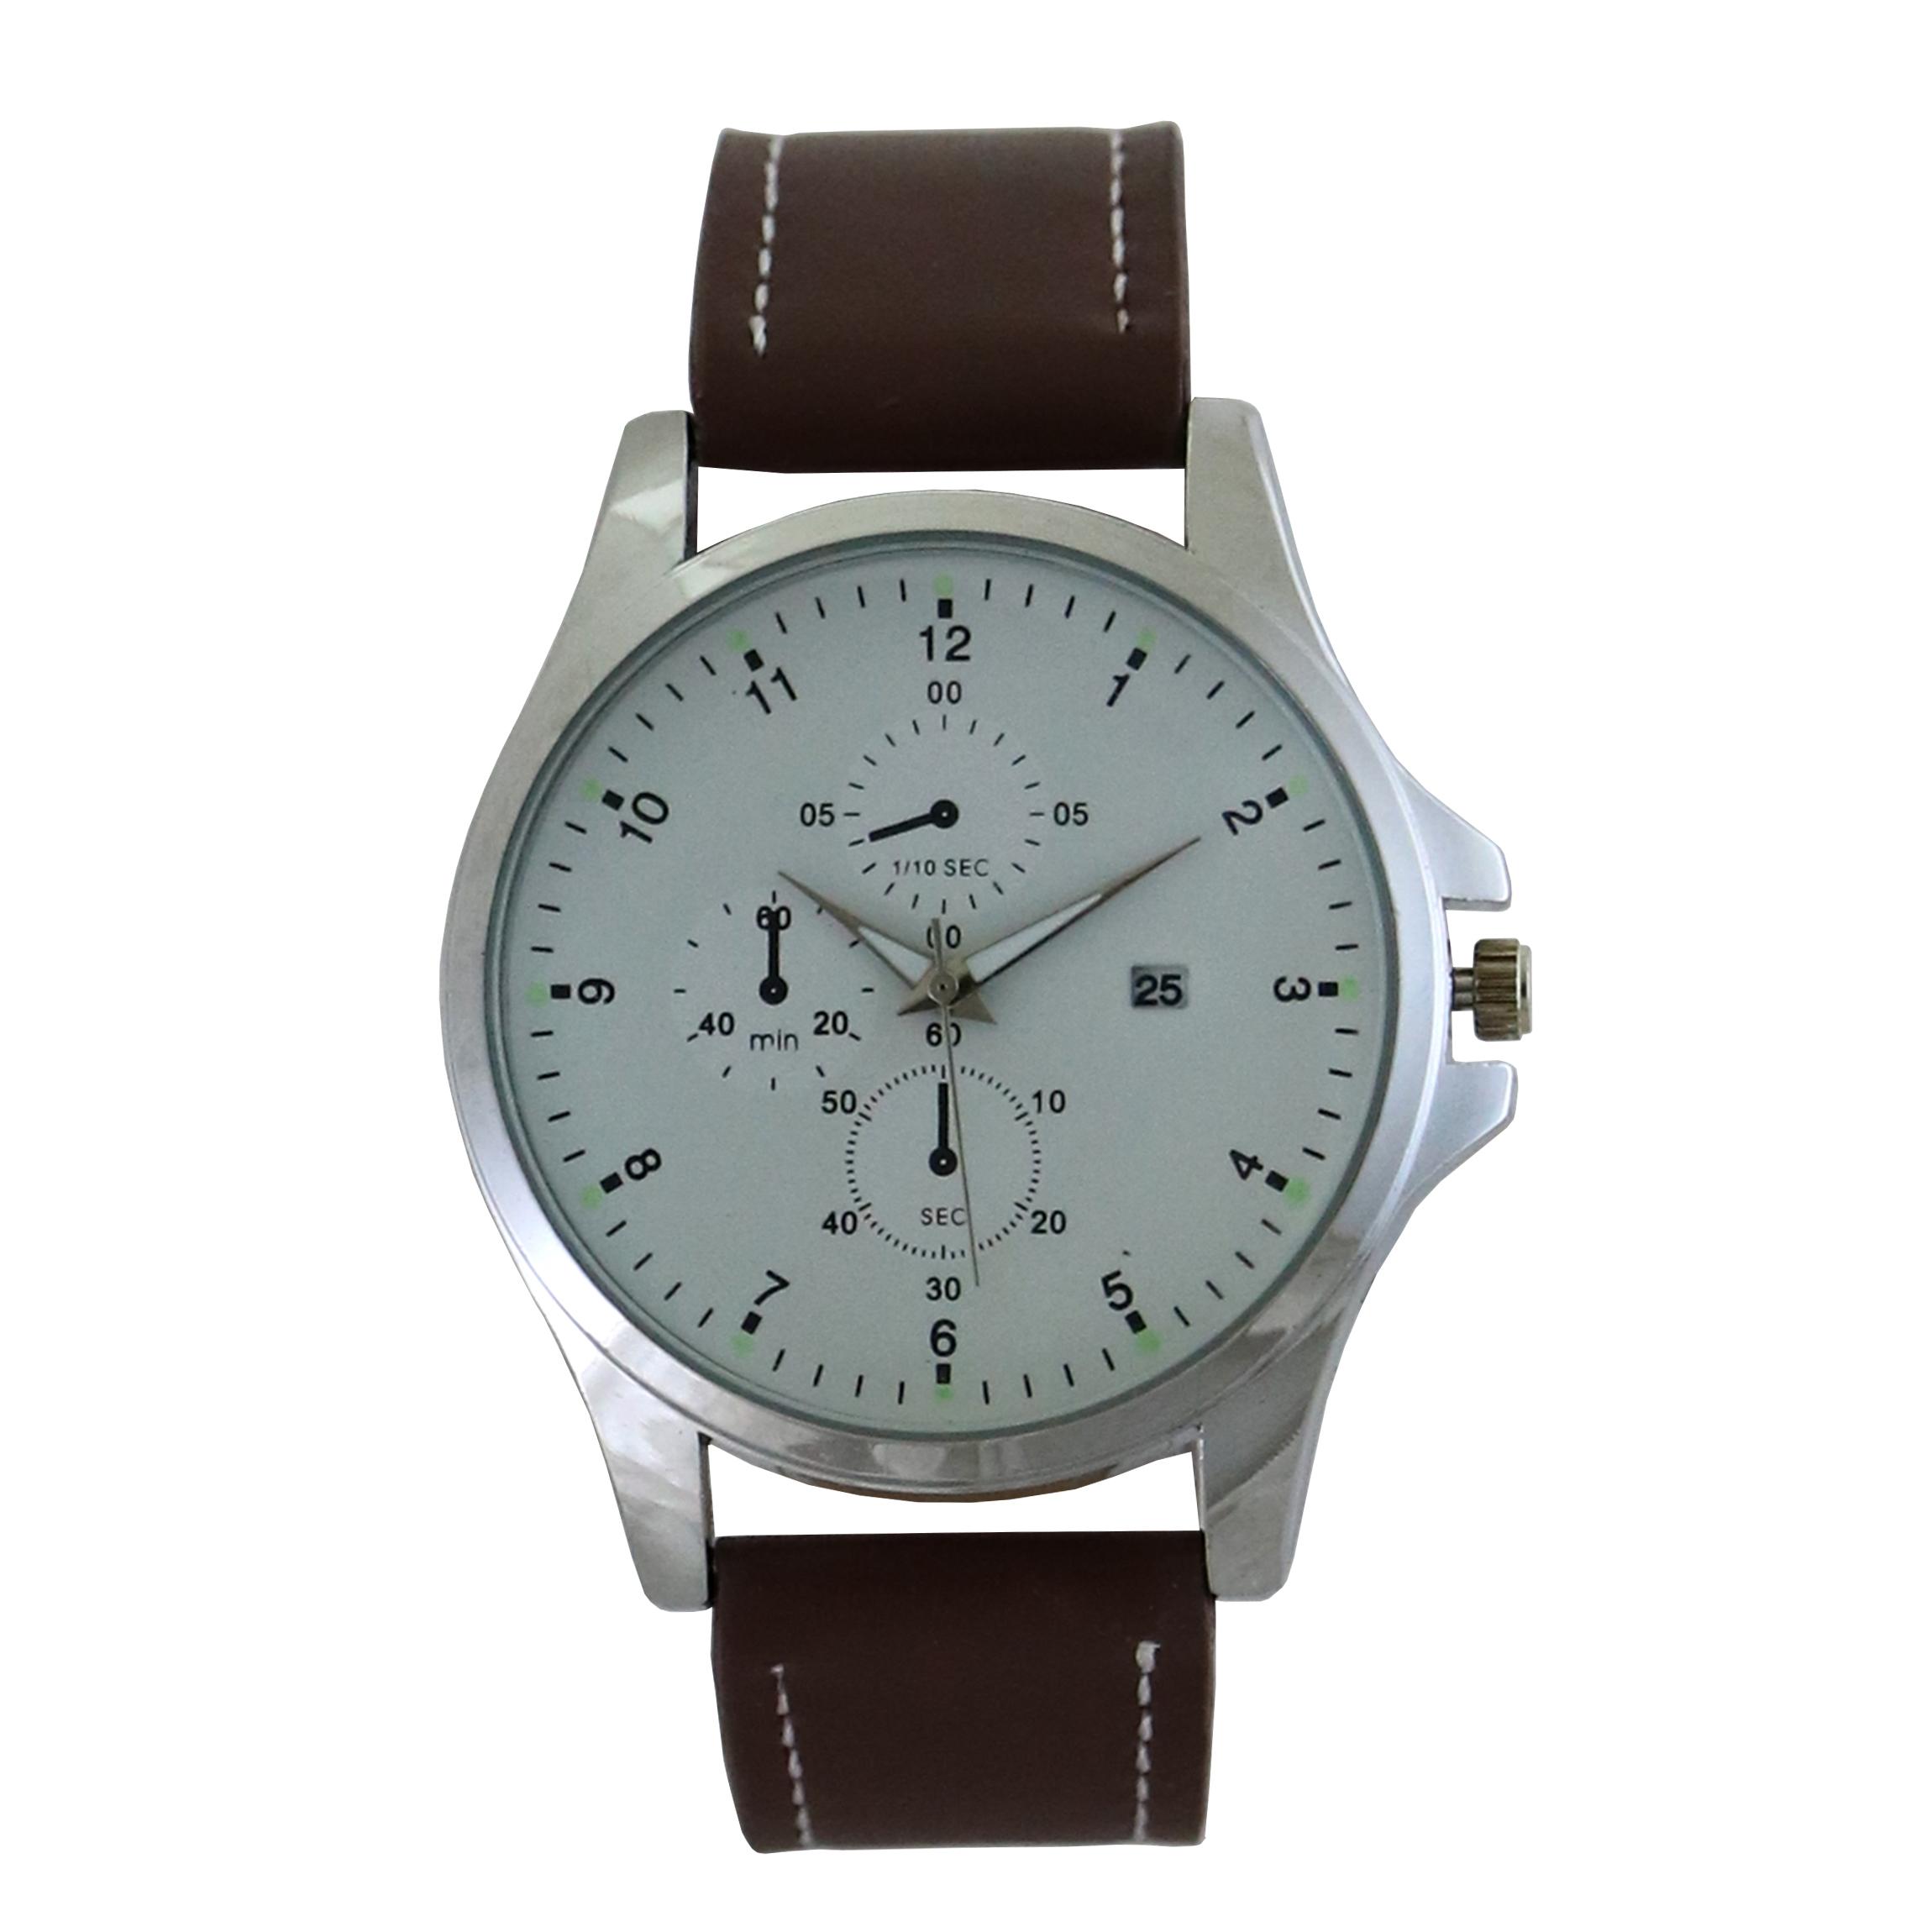 ساعت مچی عقربه ای مردانه کد mw965              خرید (⭐️⭐️⭐️)